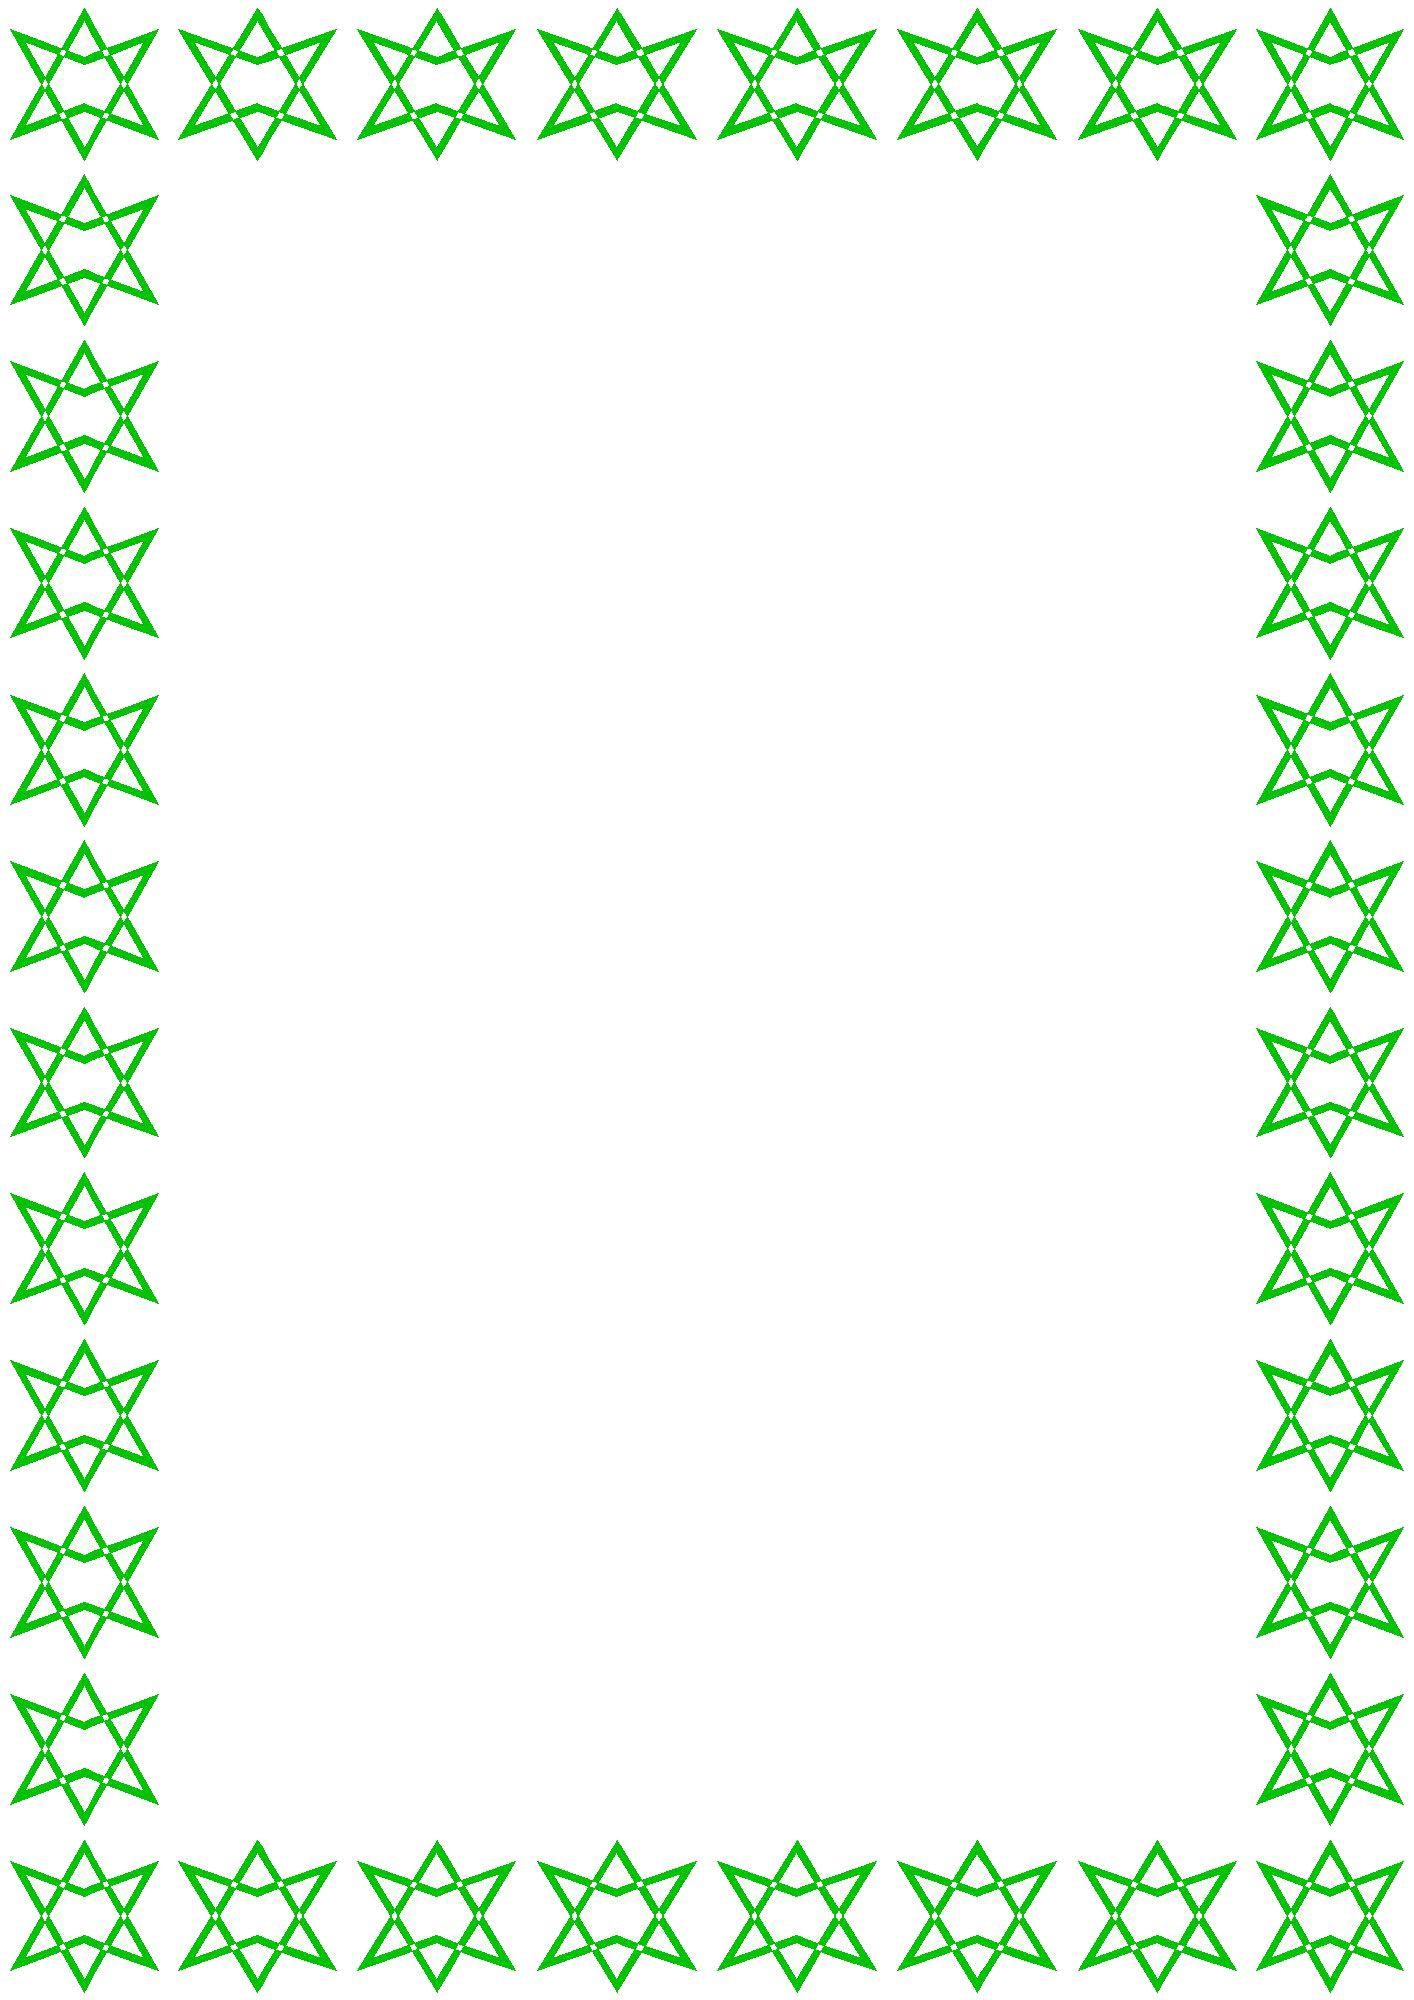 フレーム枠イラスト「緑の星」 | ramar ( frame ) | pinterest | 枠